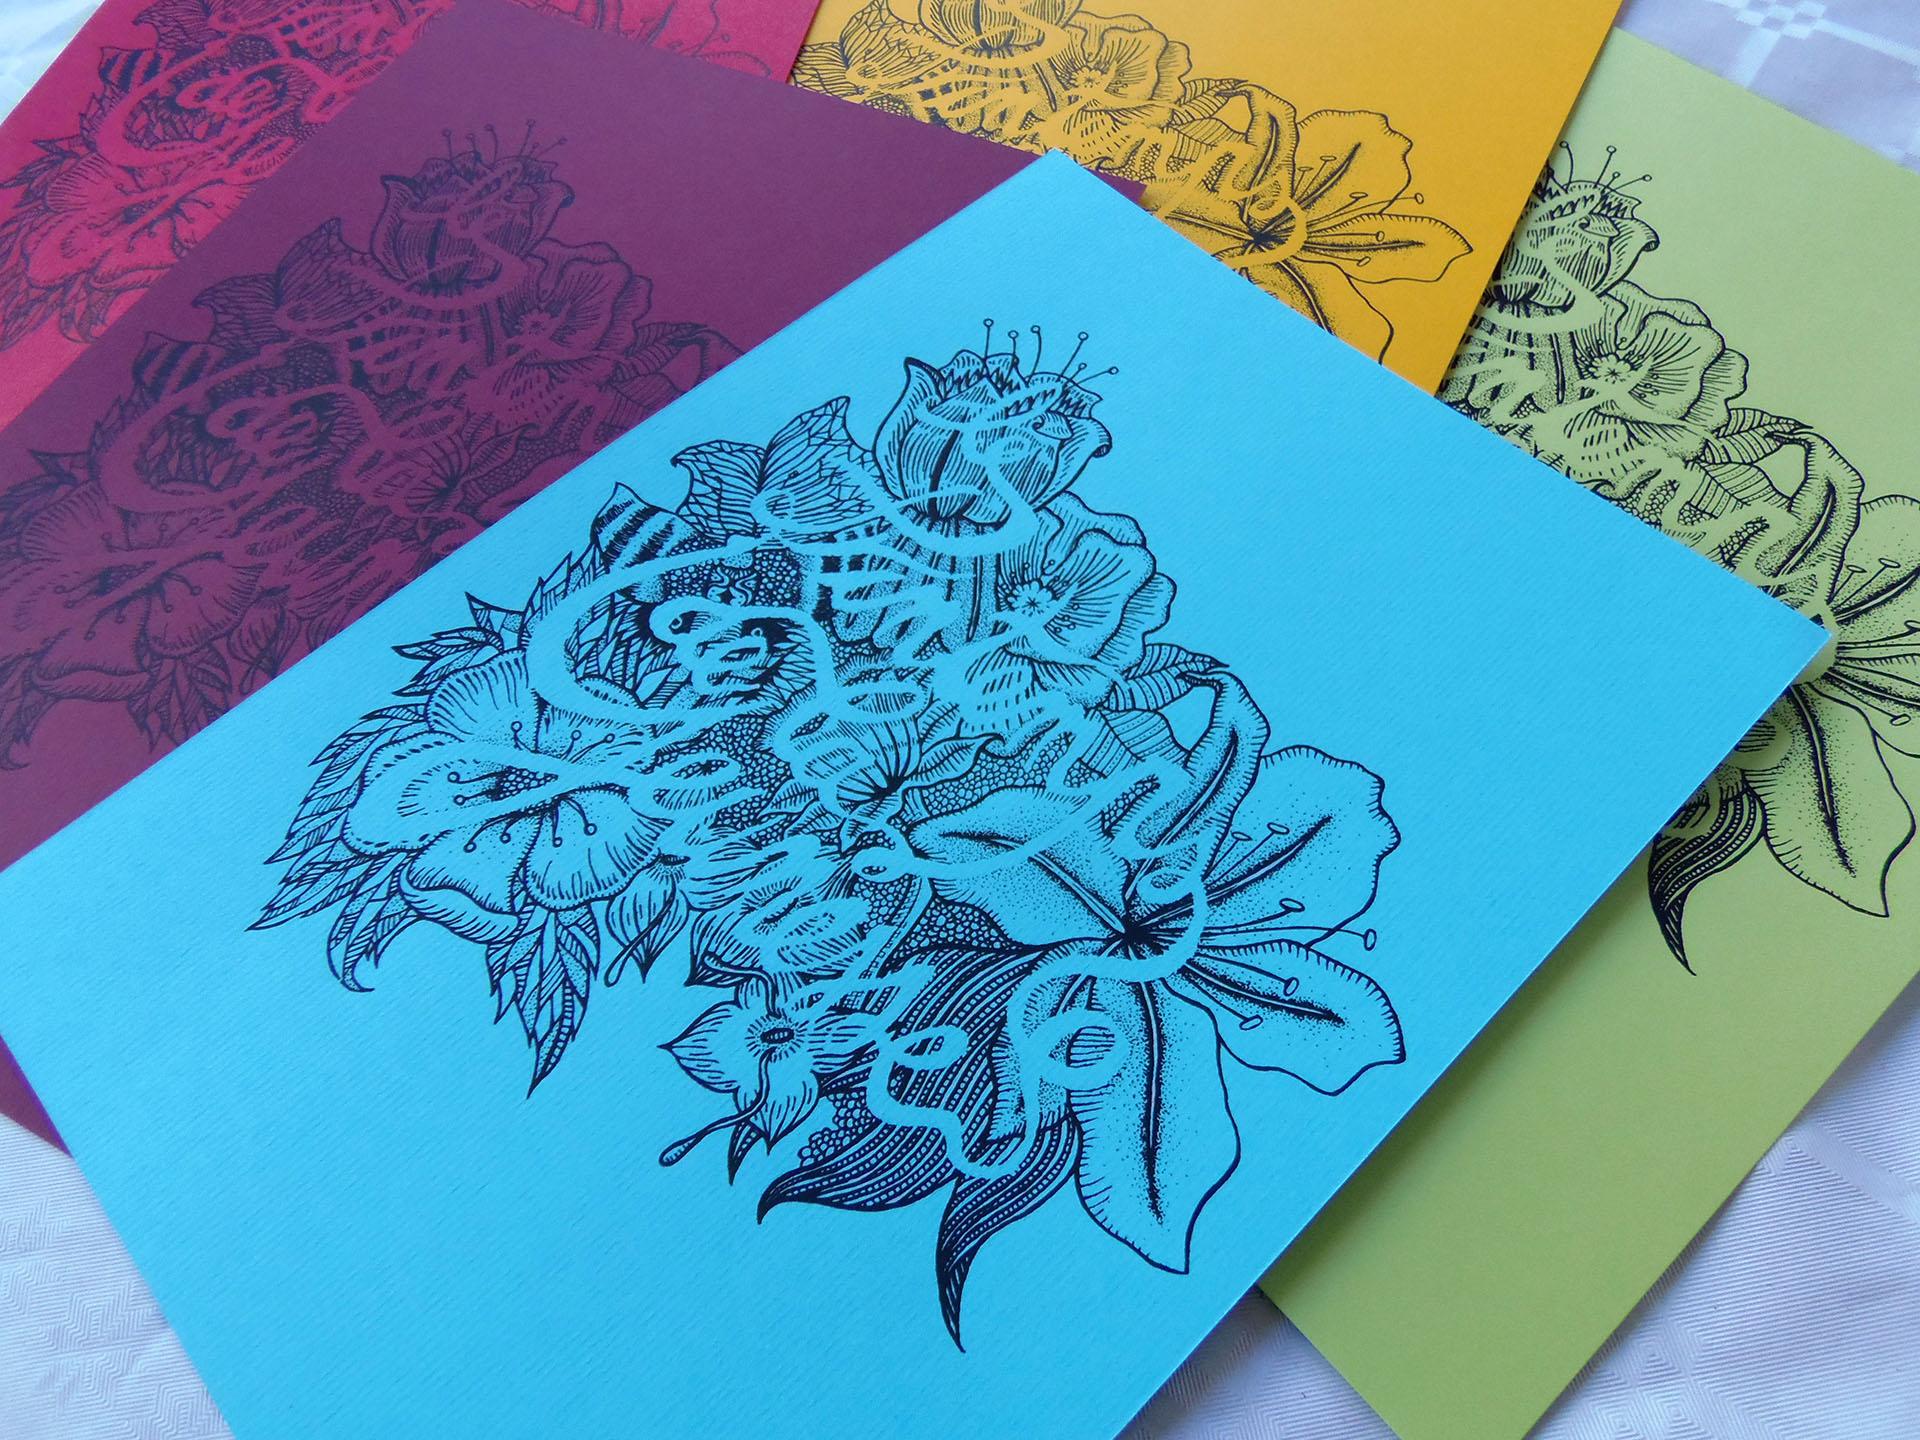 détail impression en serigraphie artisanale de superfruit pour le printemps de la jeunesse